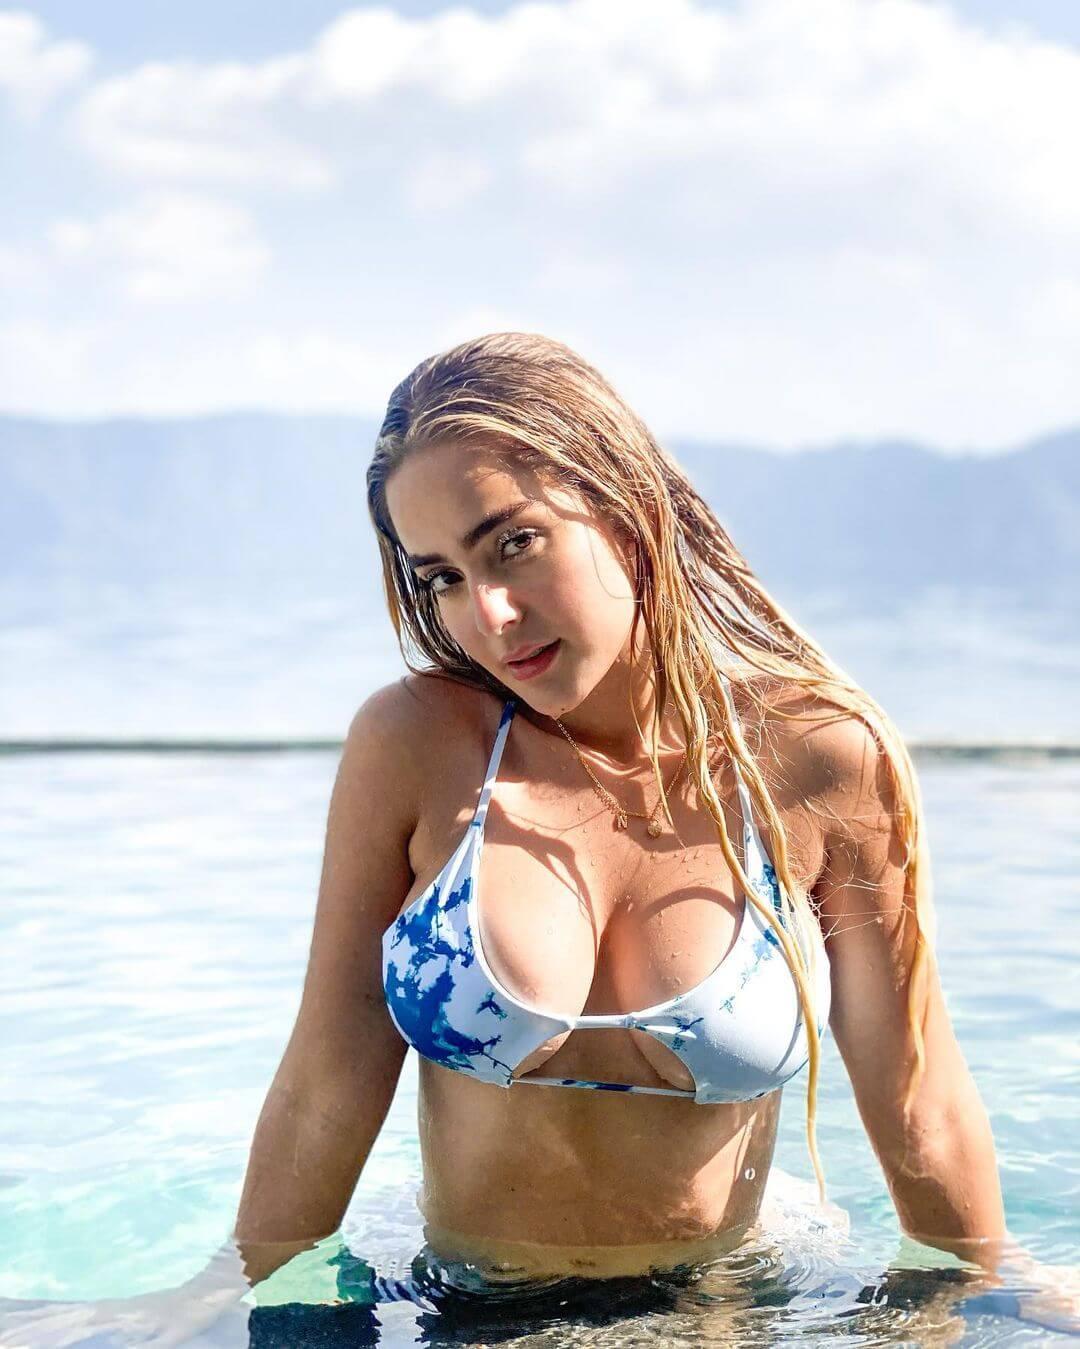 Nicolle Figueroa On Swimming Pool